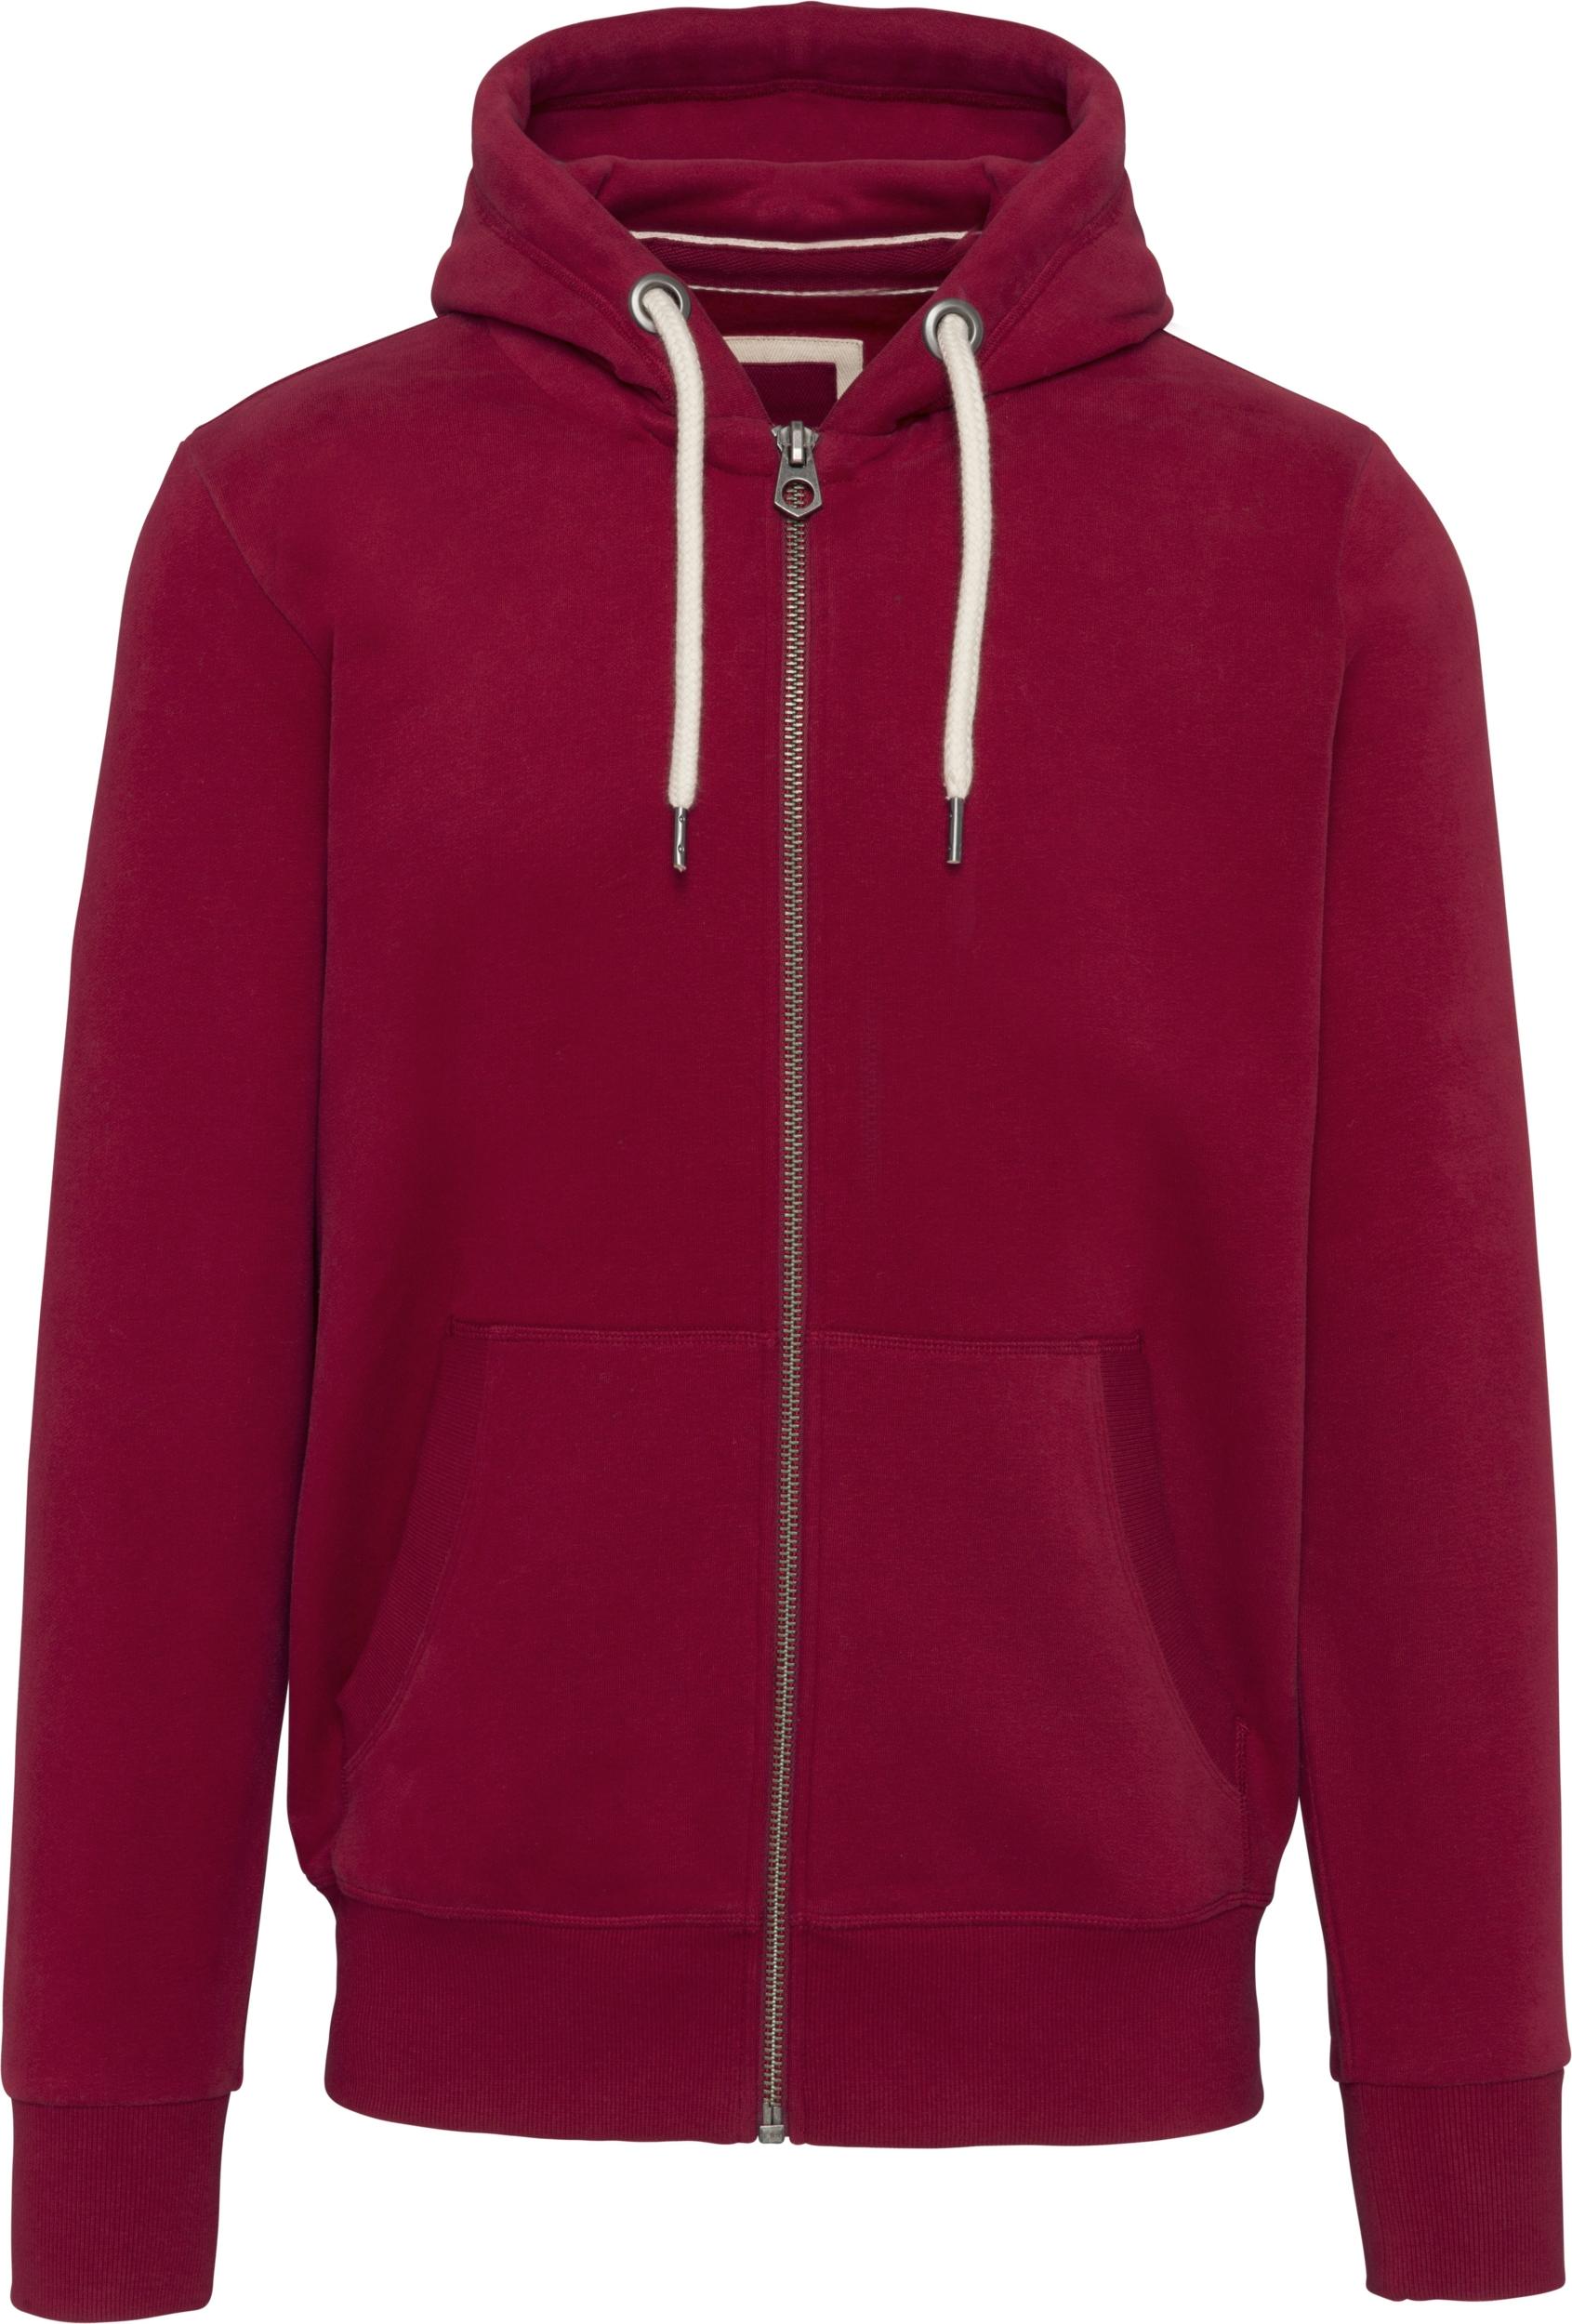 Sweat shirt vintage Rouge zippé à capuche homme Molleton gratté 80% coton 20% polyester Toucher peau de pêche et aspect